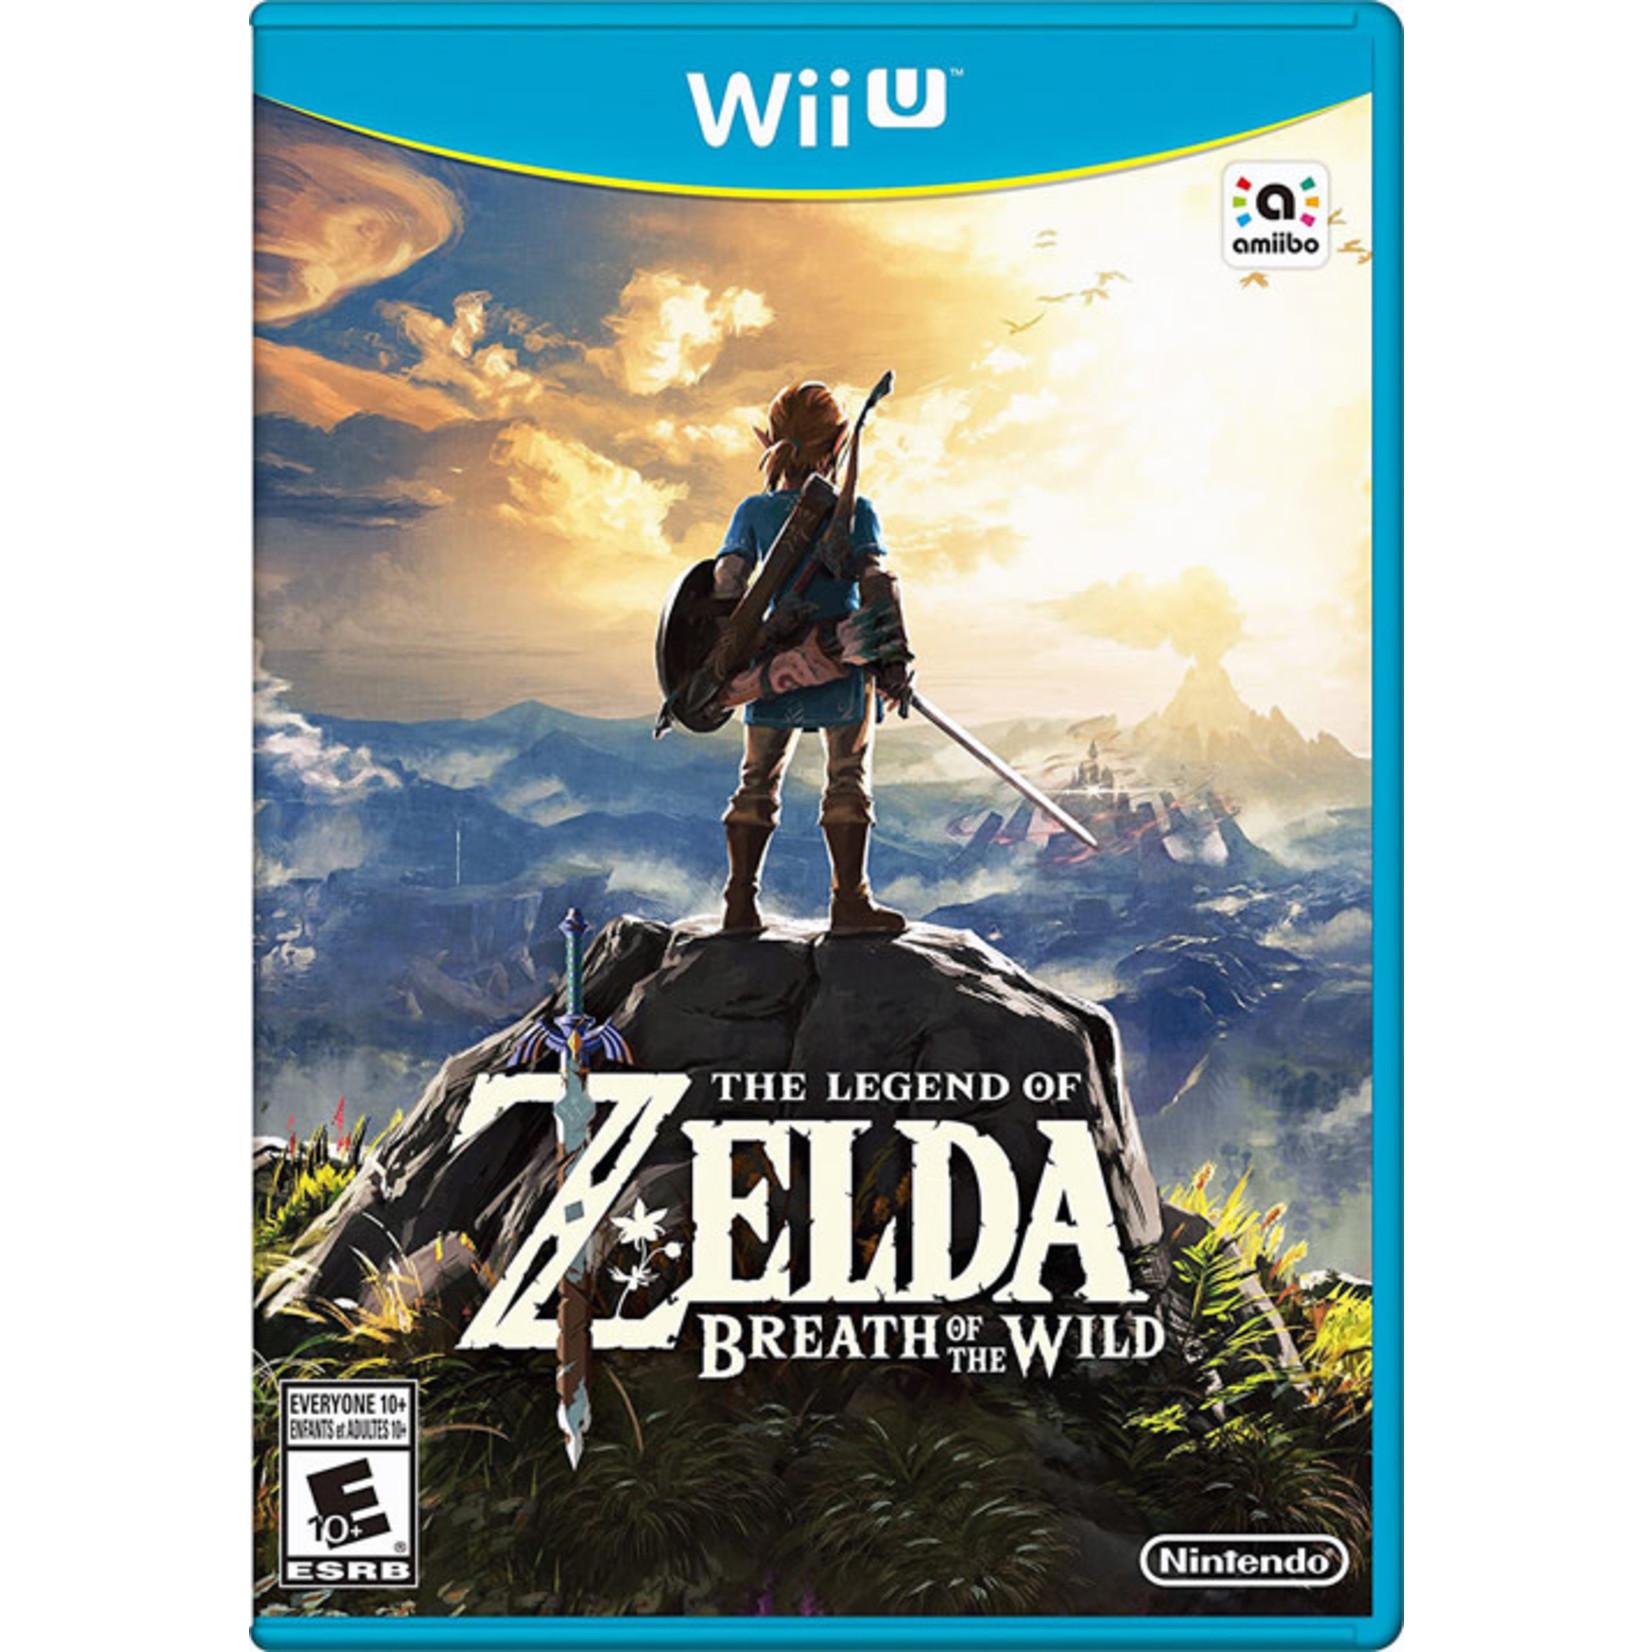 WIIUUSD-The Legend of Zelda: Breath of the Wild